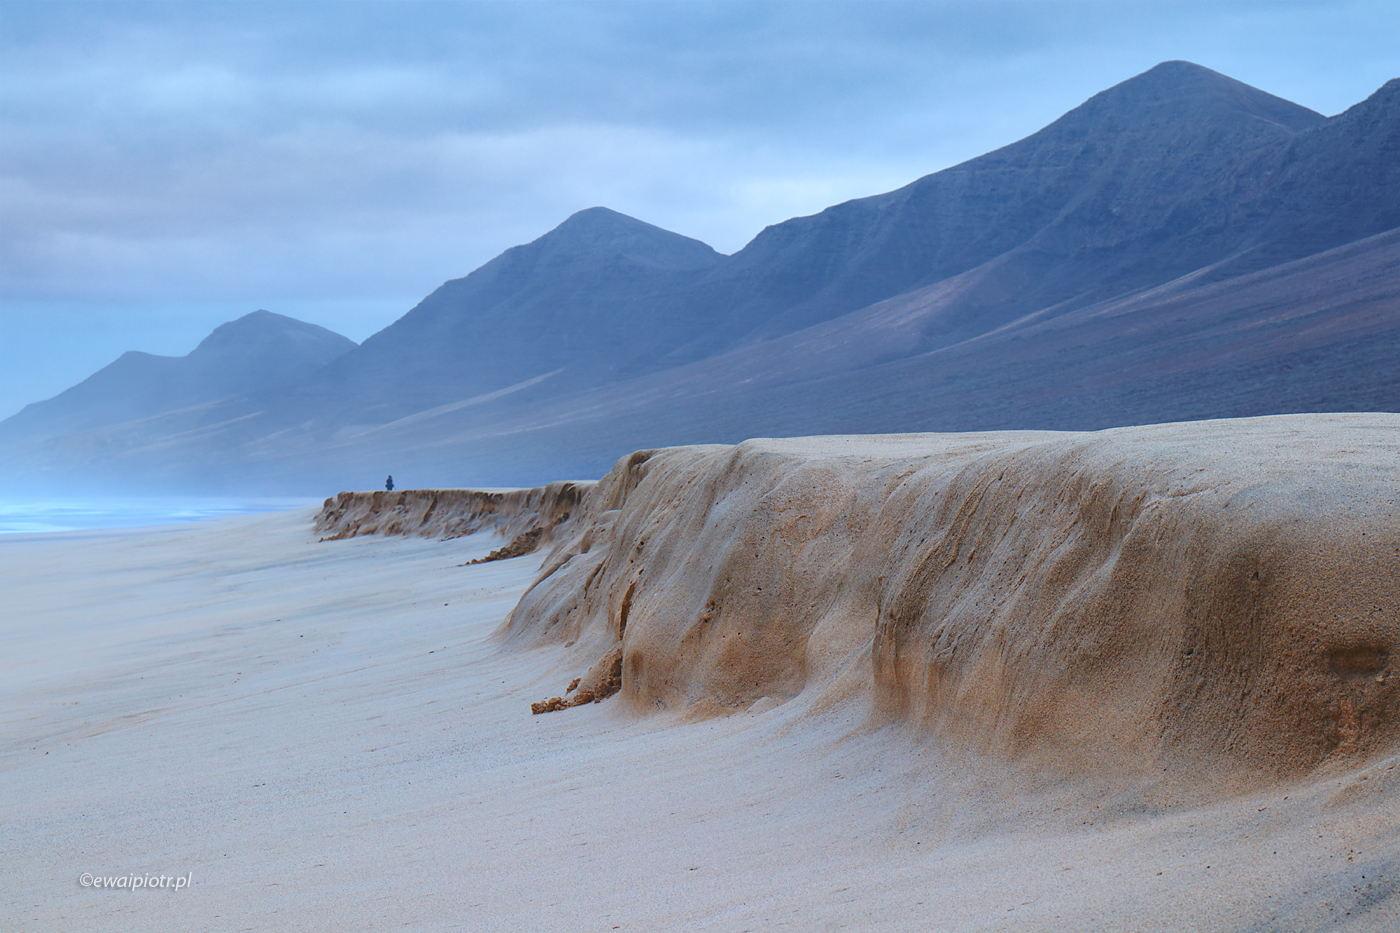 Plaża i góry, Wyspy Kanaryjskie, Fuerteventura, foto wyprawa